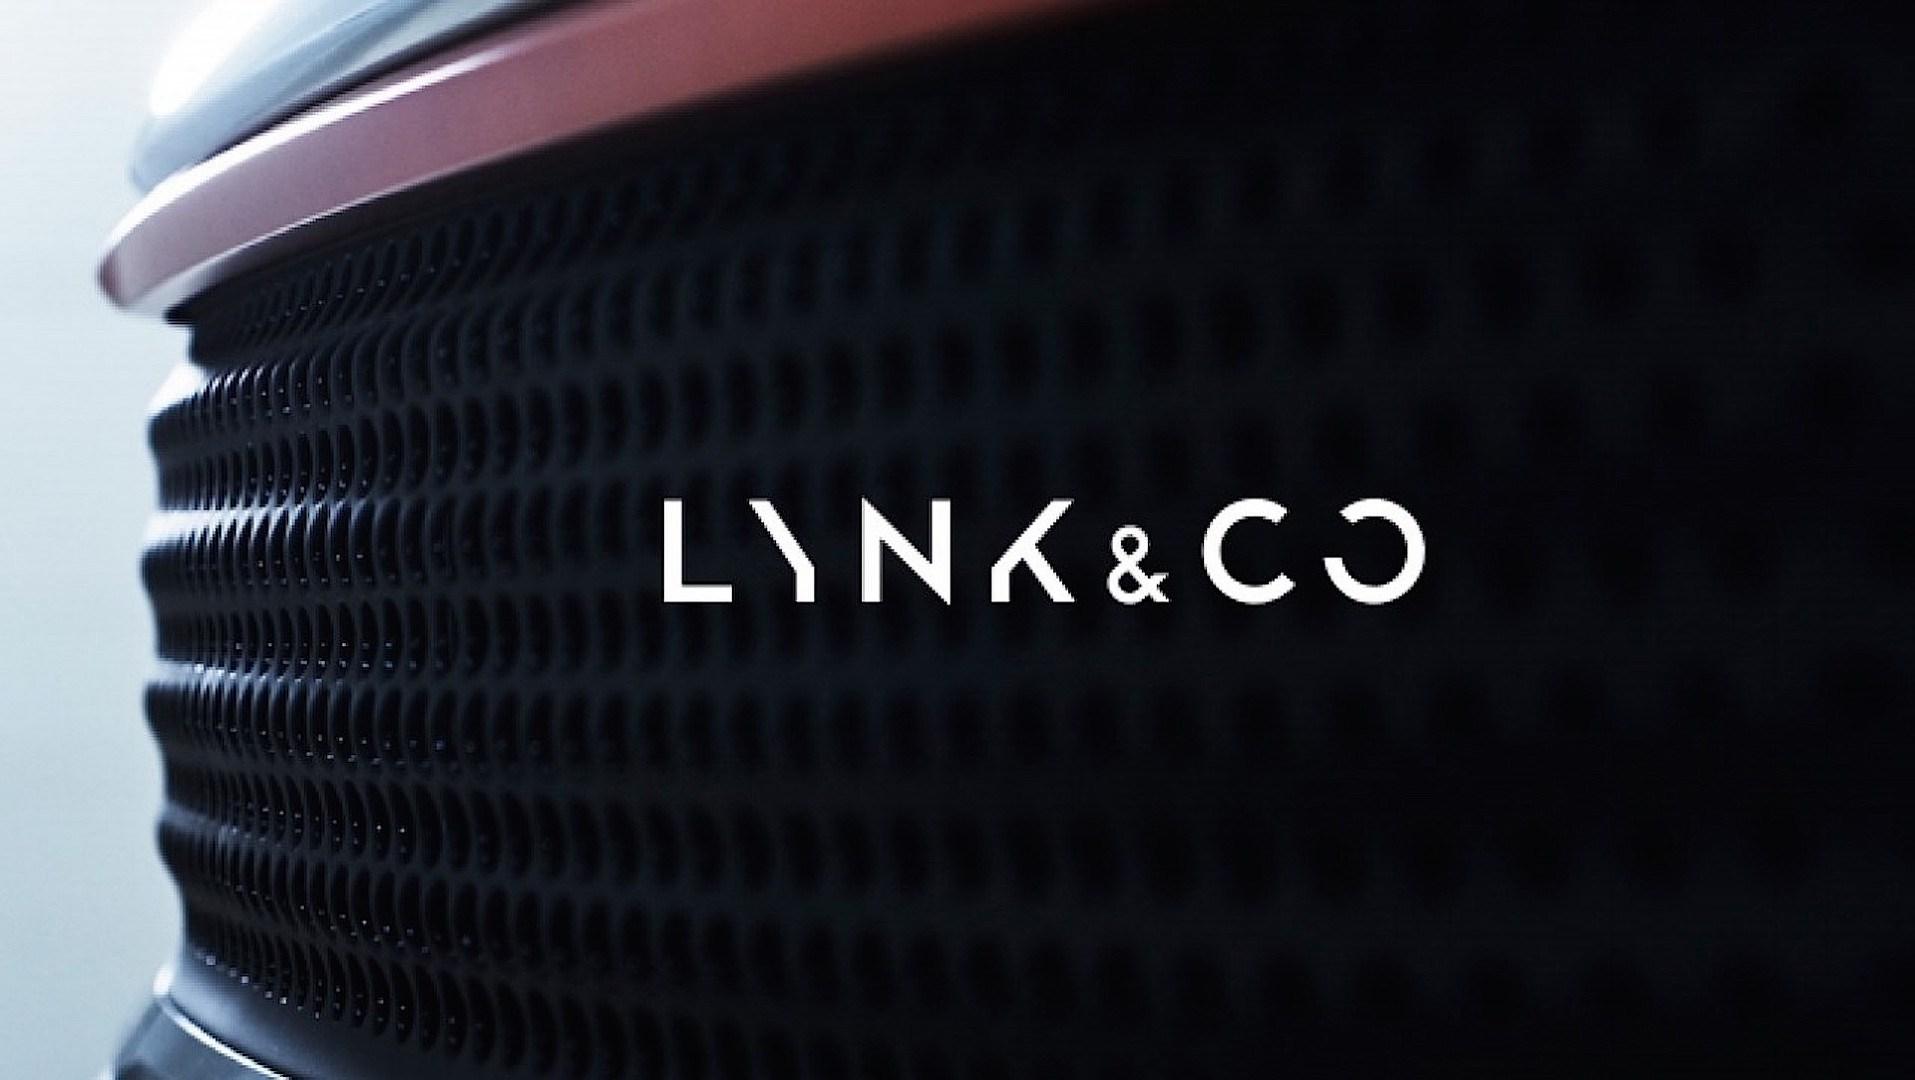 Второй моделью марки Lynk & Co станет кроссовер 02